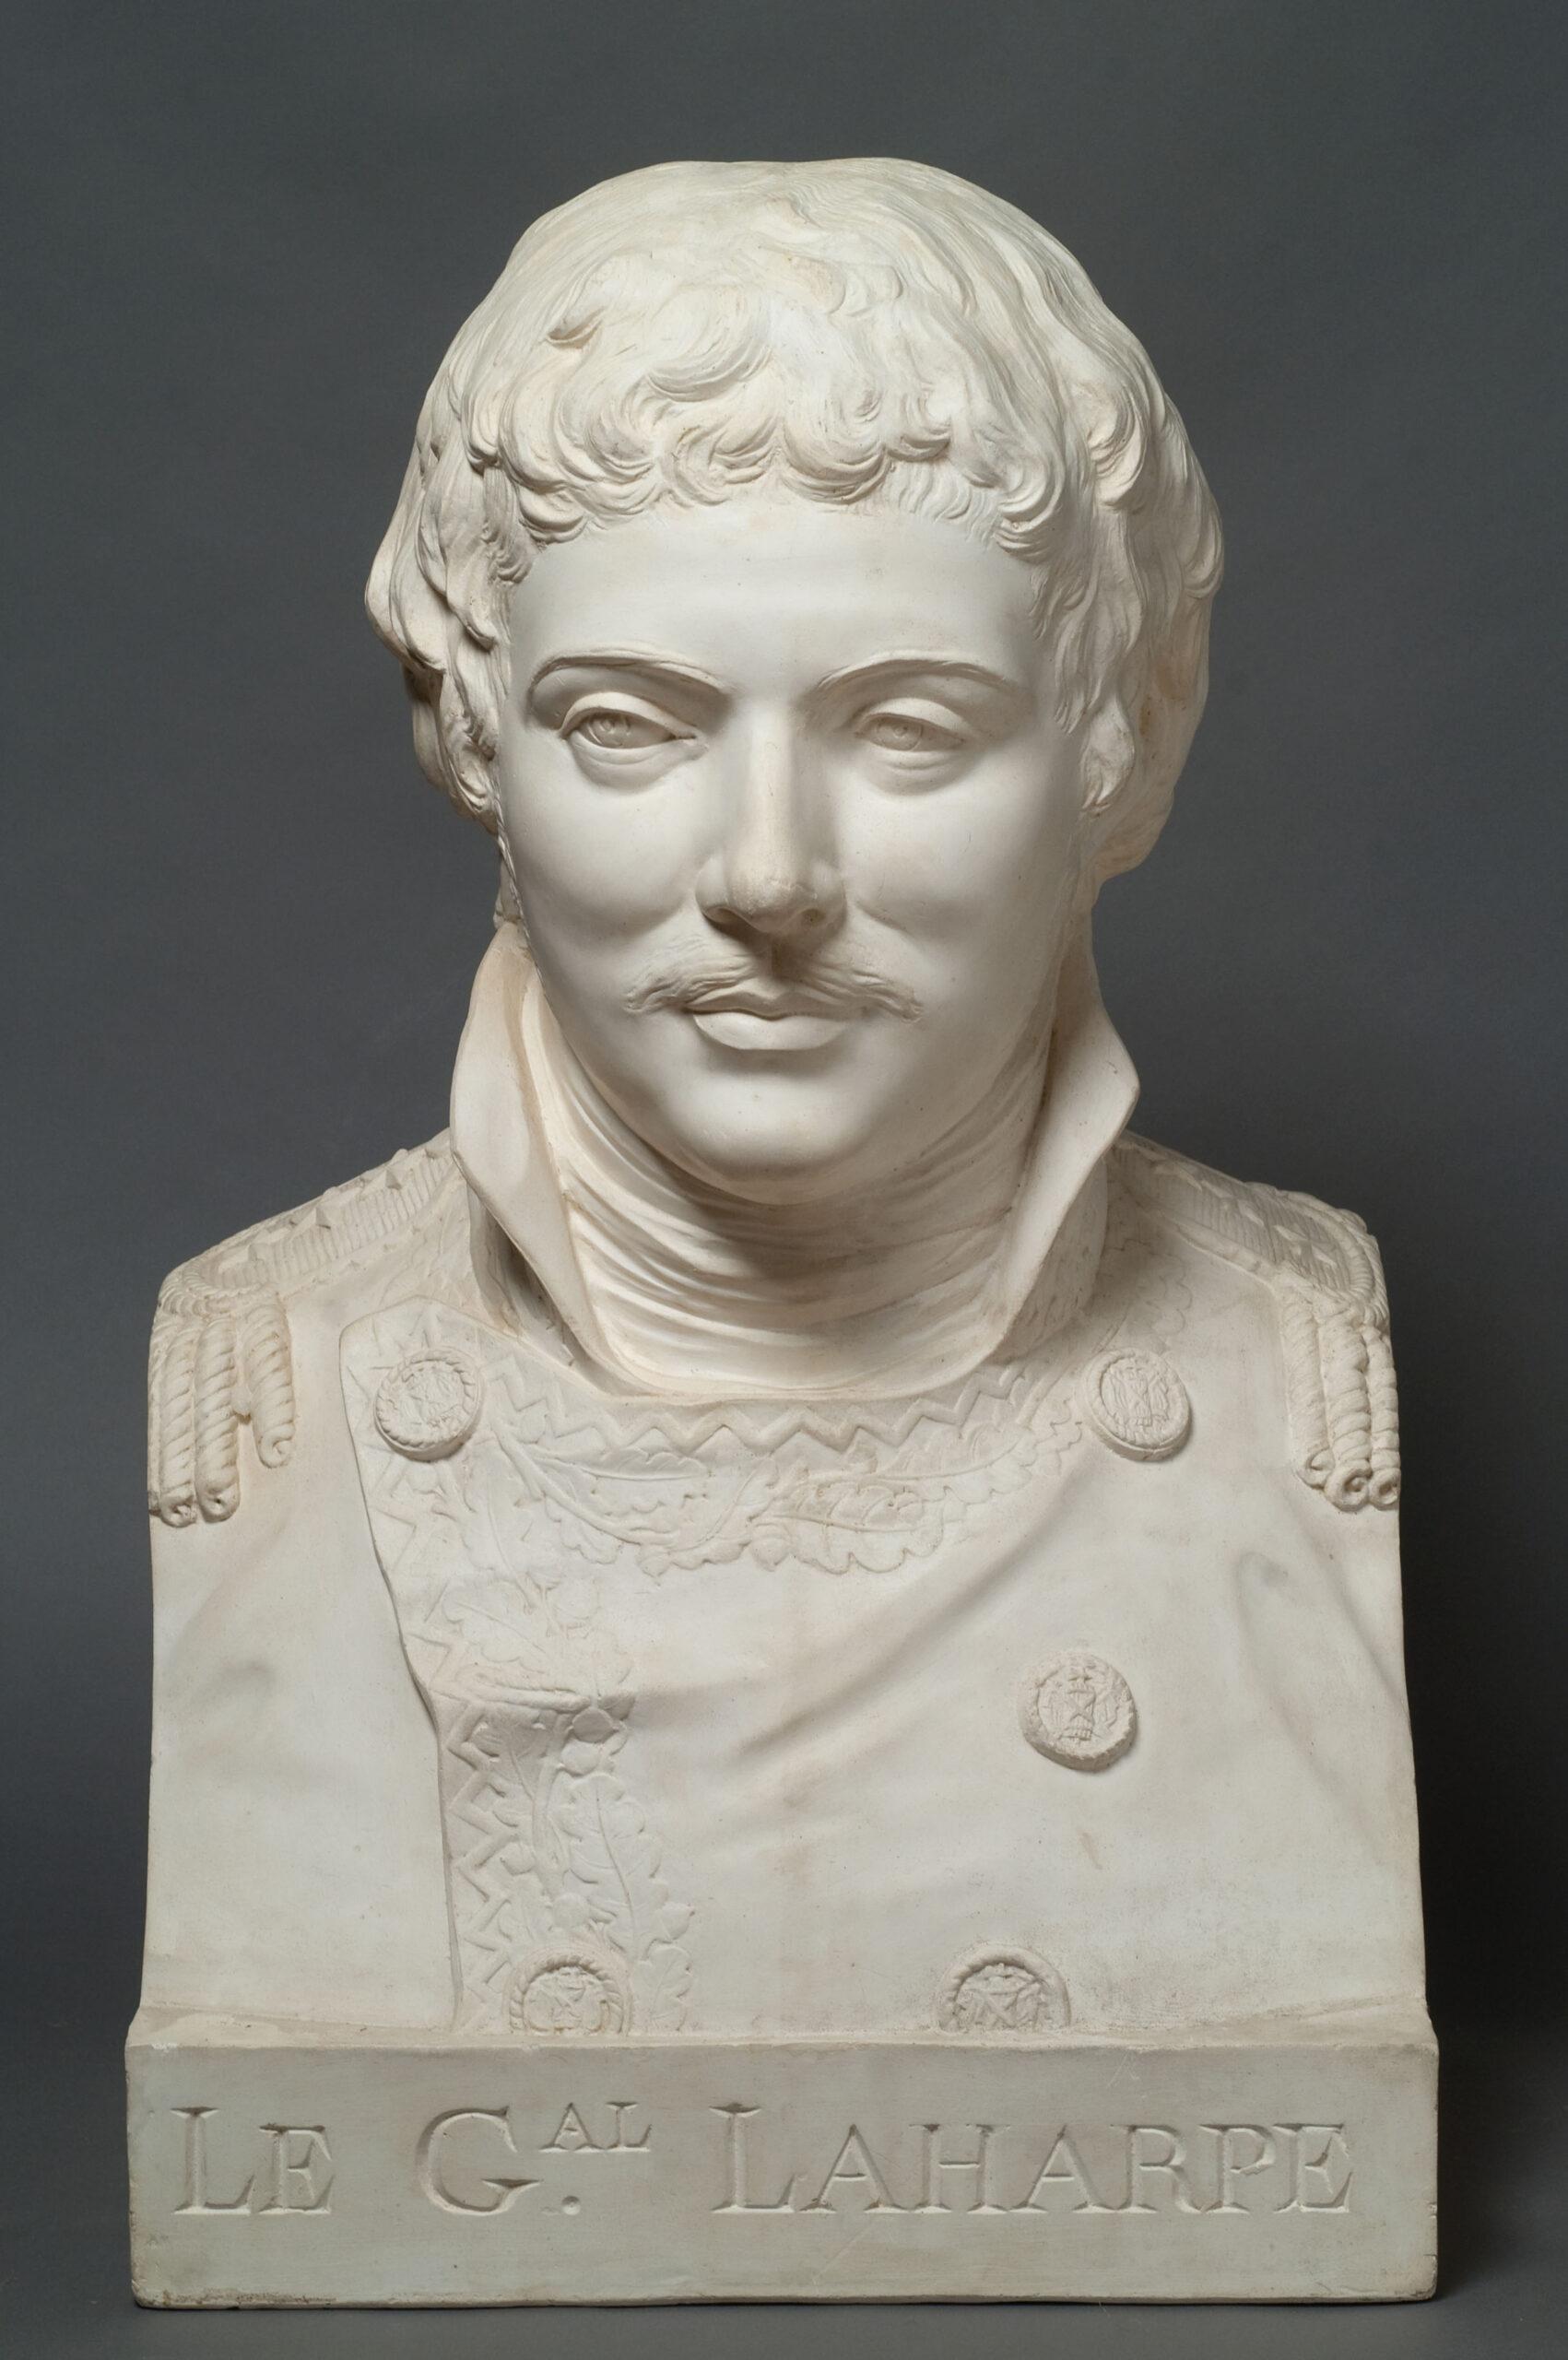 Портрет генерала А.-Э. Лагарпа Неизвестный скульптор с гипсового слепка Ф.А. Жаке по оригиналу Ф. Лекомта